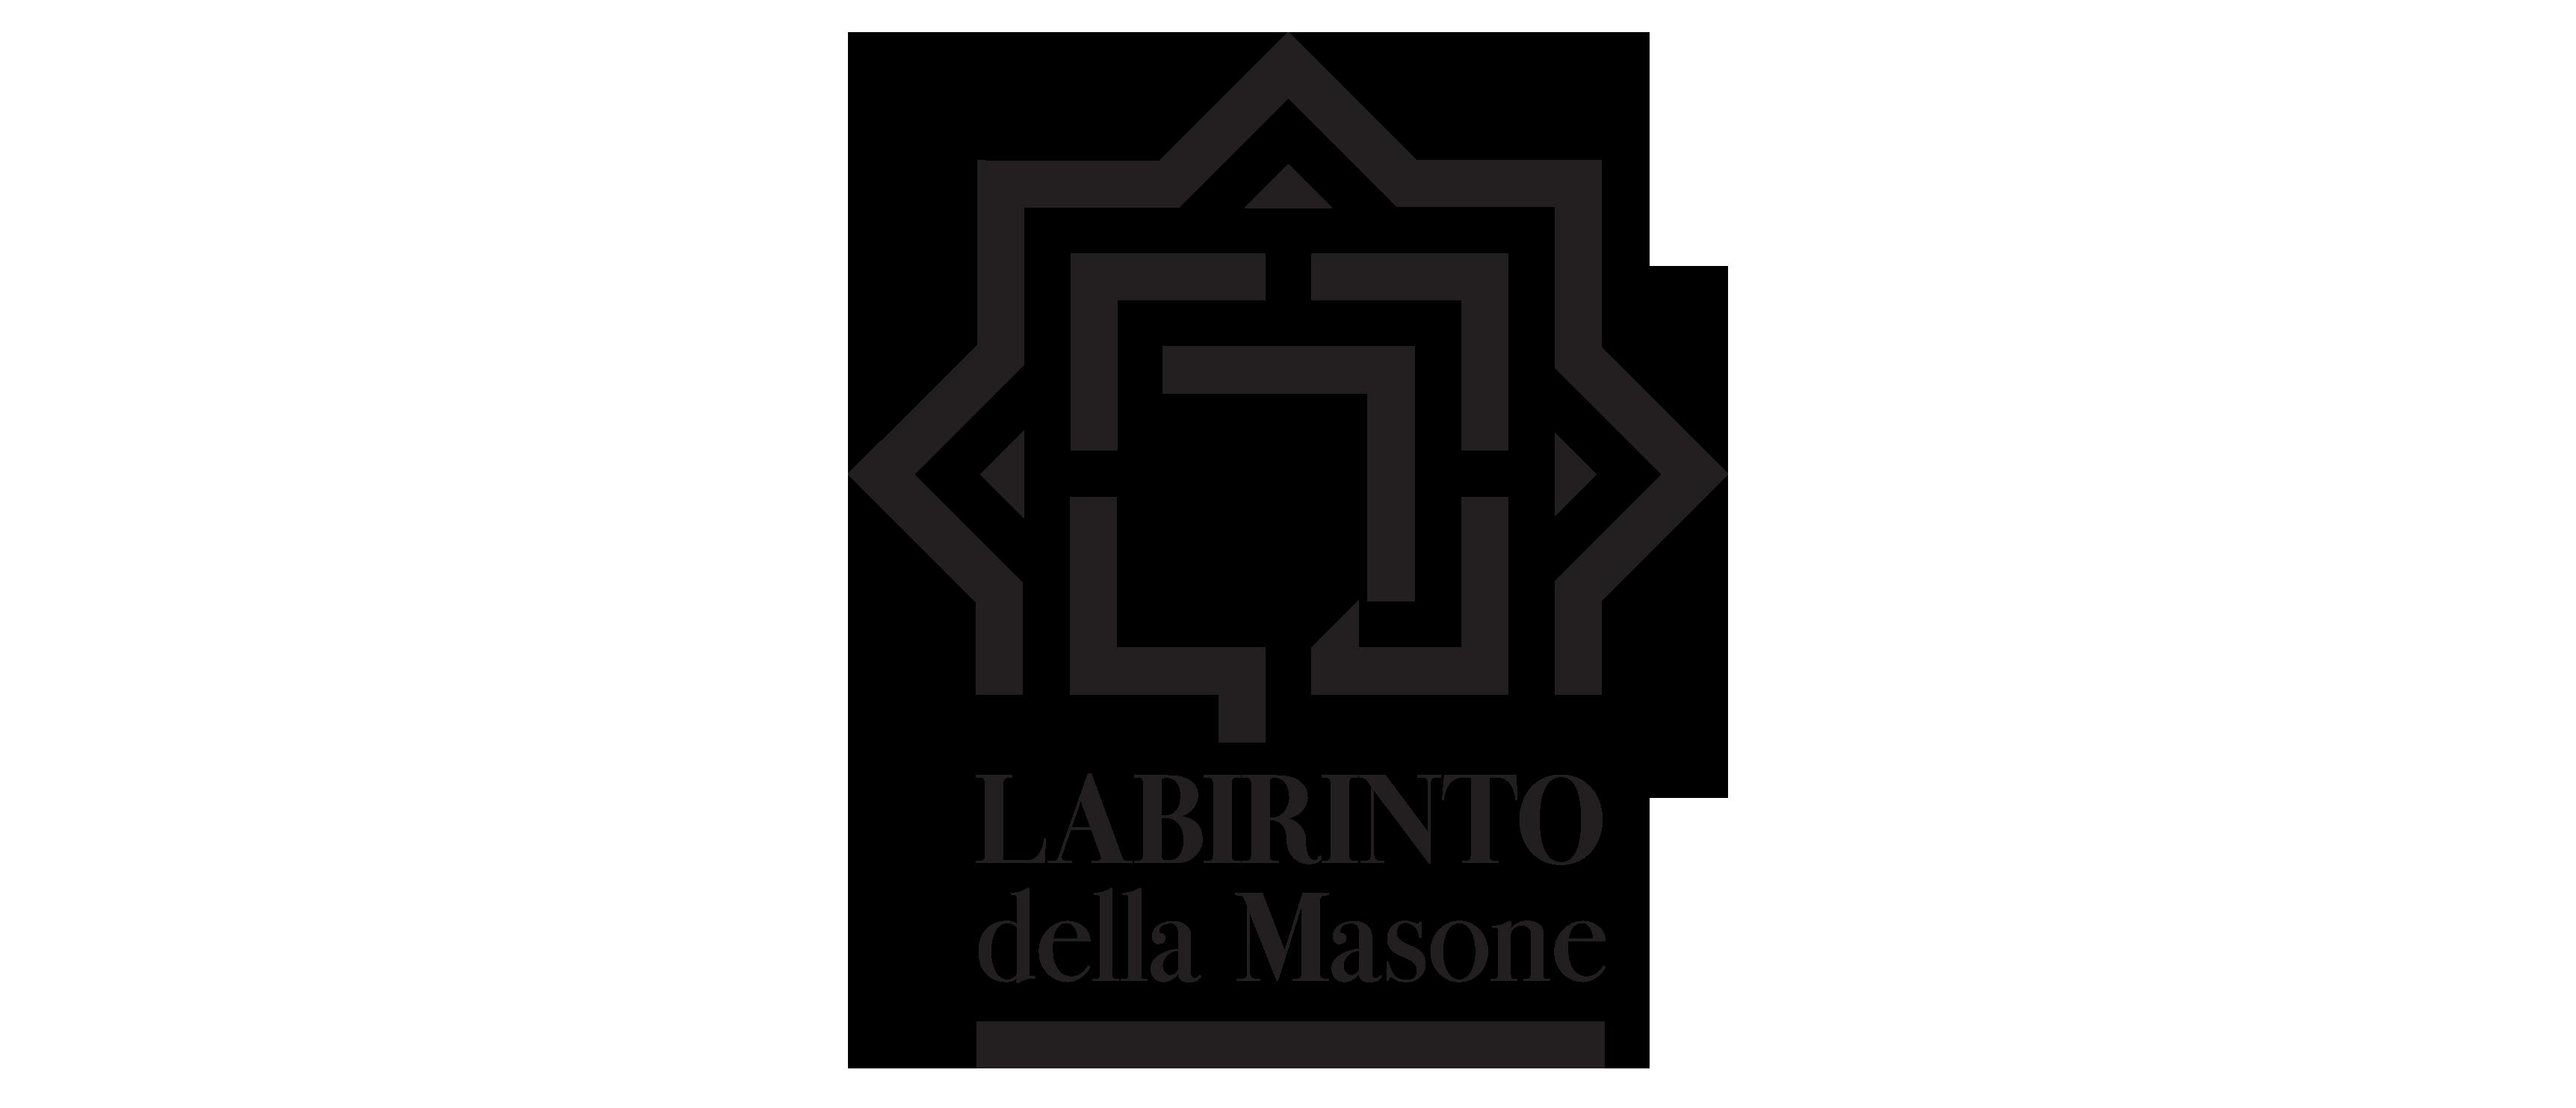 LOGO-LABIRINTO